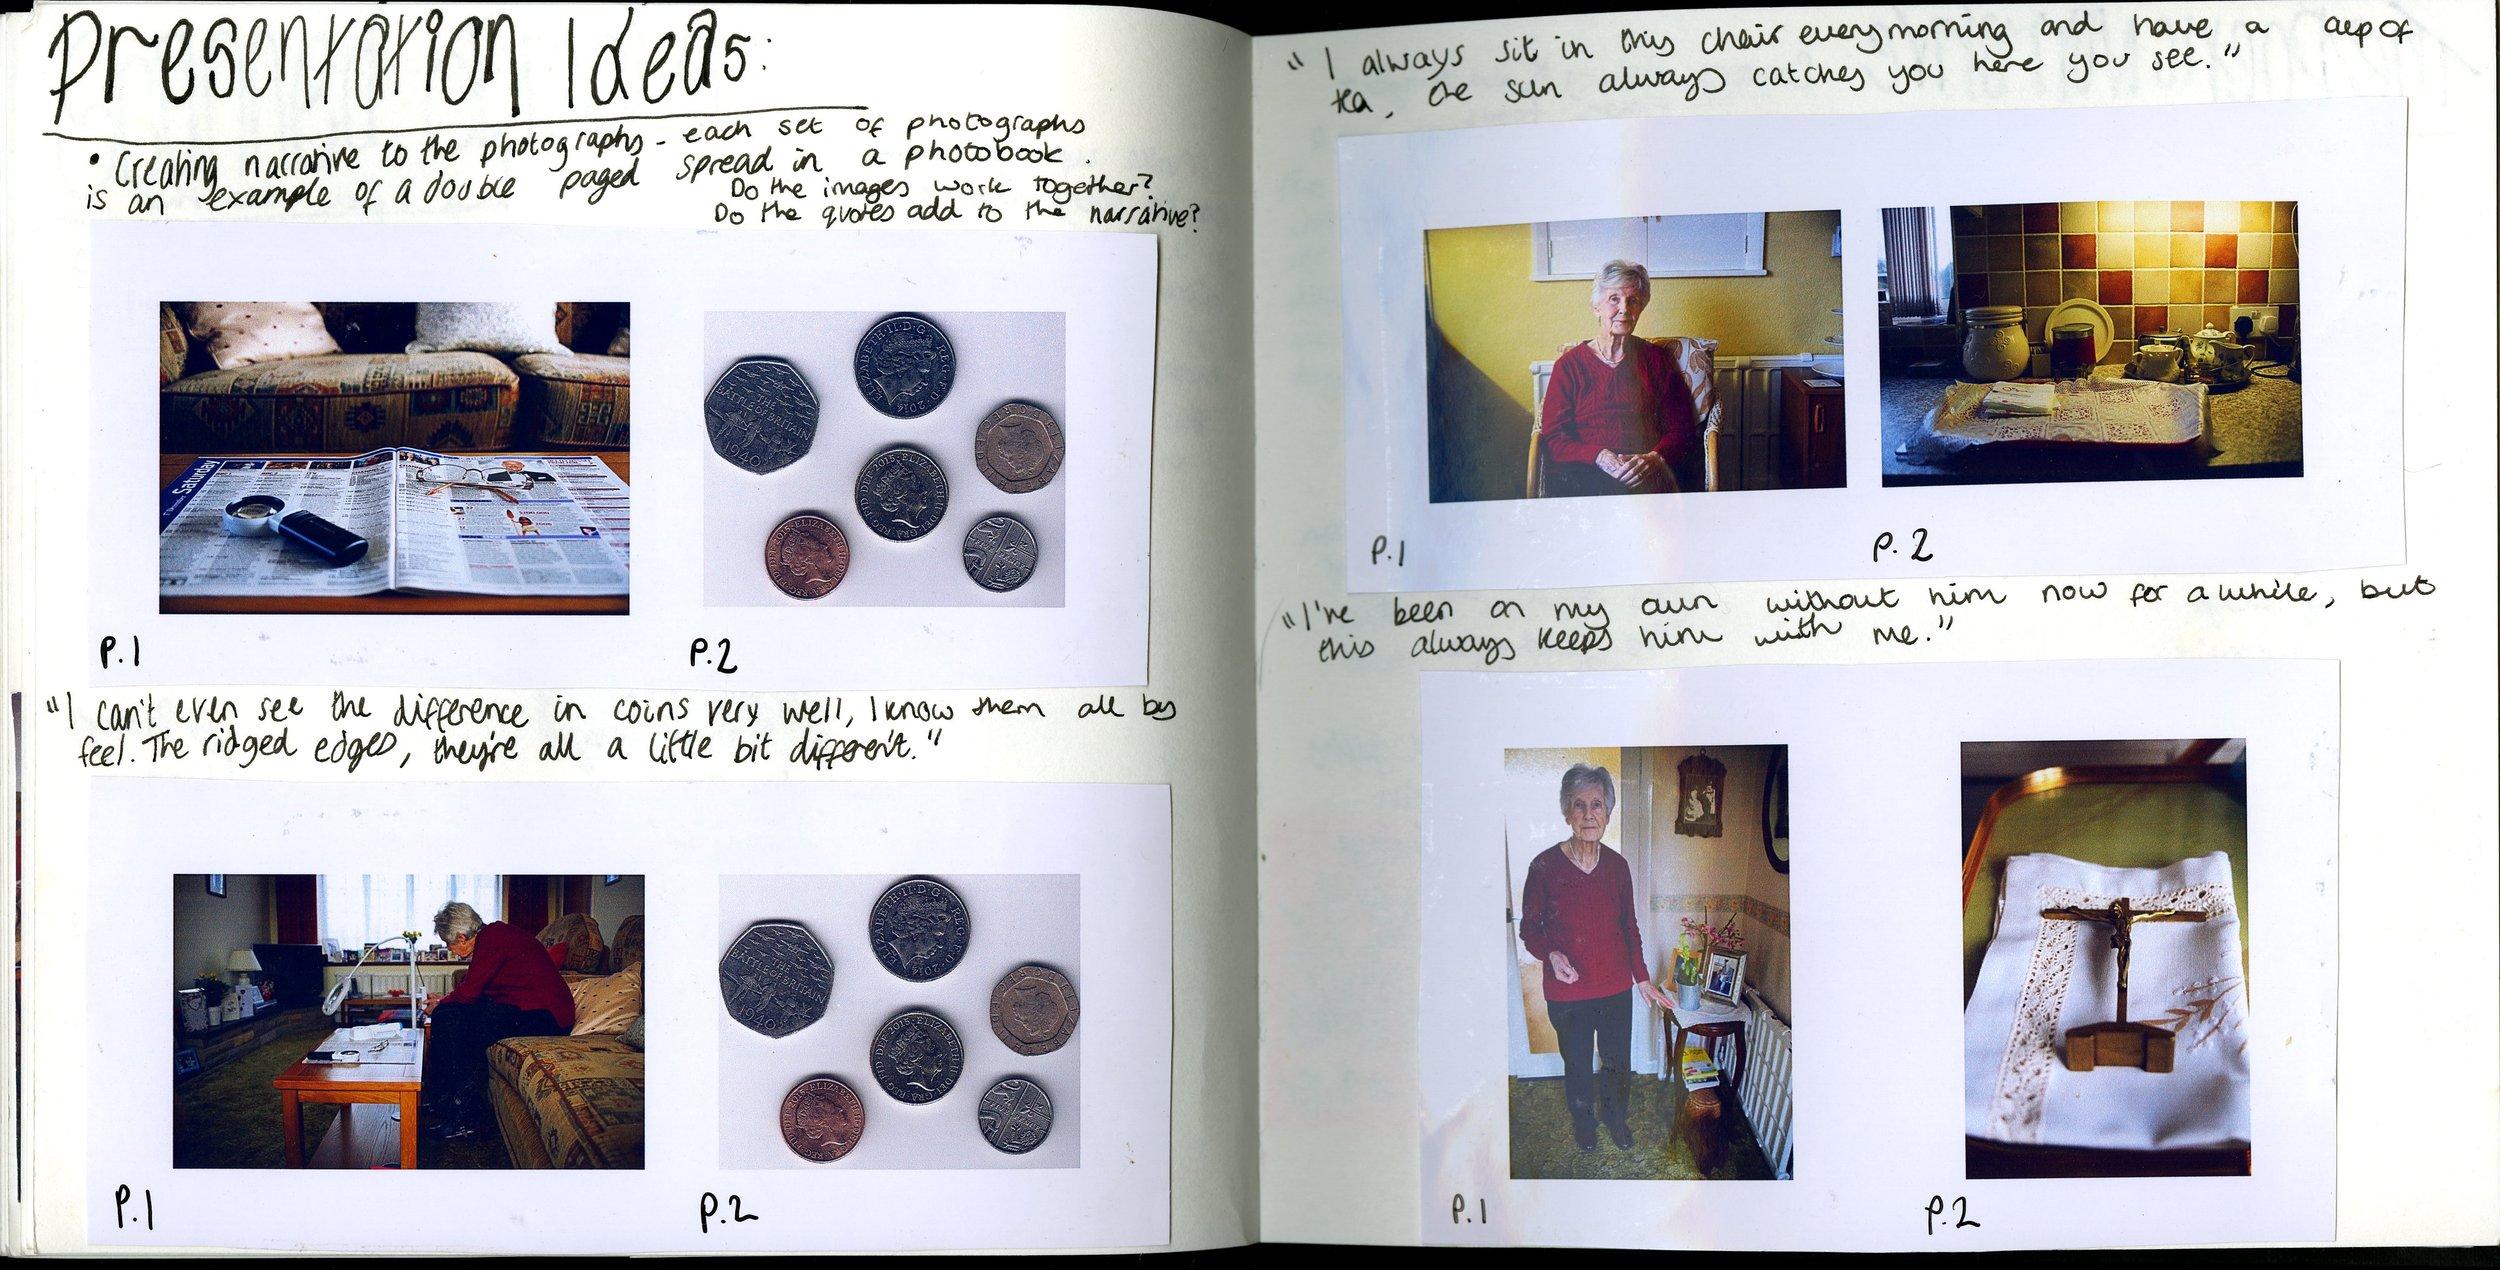 sketchbook1036.jpg